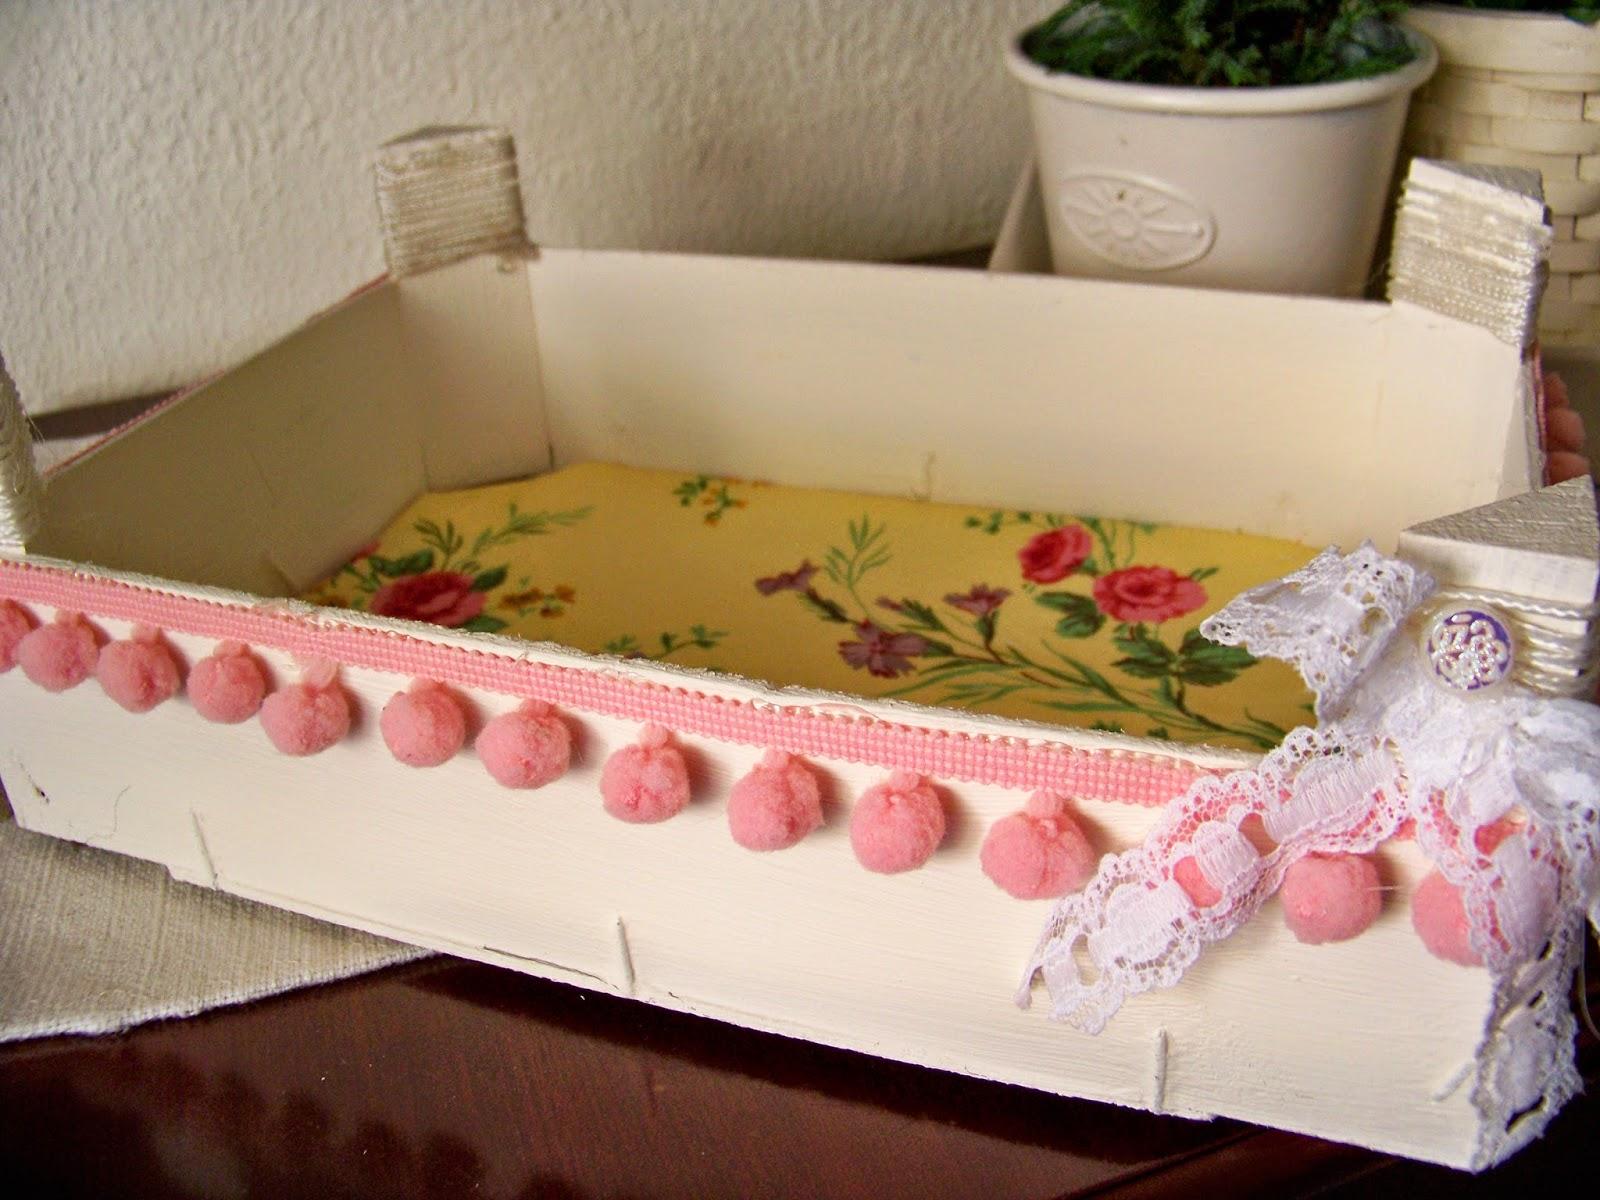 Come y disfruta de vuelta con un diy cajas decoradas - Cajas de decoracion ...